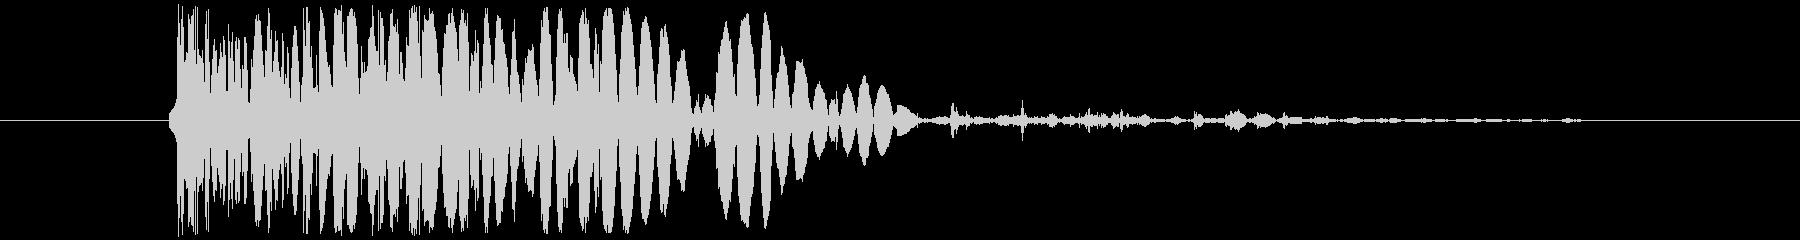 石 ビッグインパクトハード02の未再生の波形